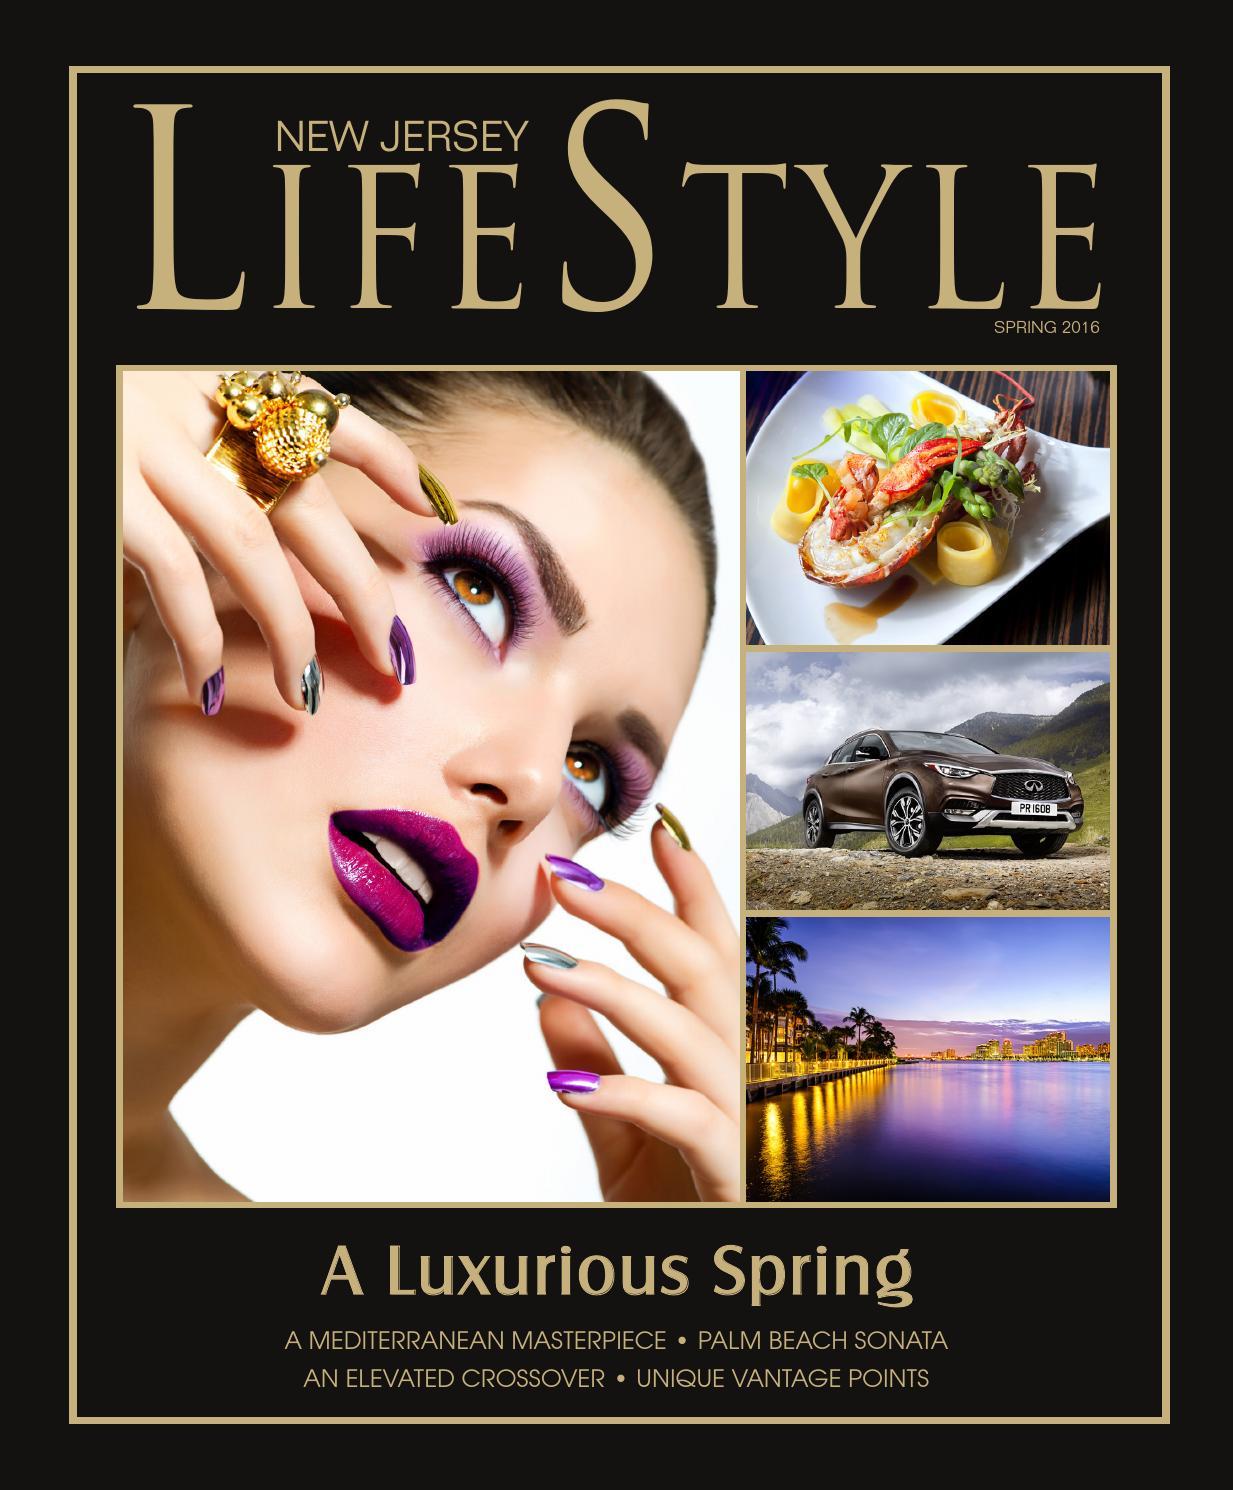 Nj lifestyle magazine spring 2016 by nj lifestyle magazine issuu nvjuhfo Images